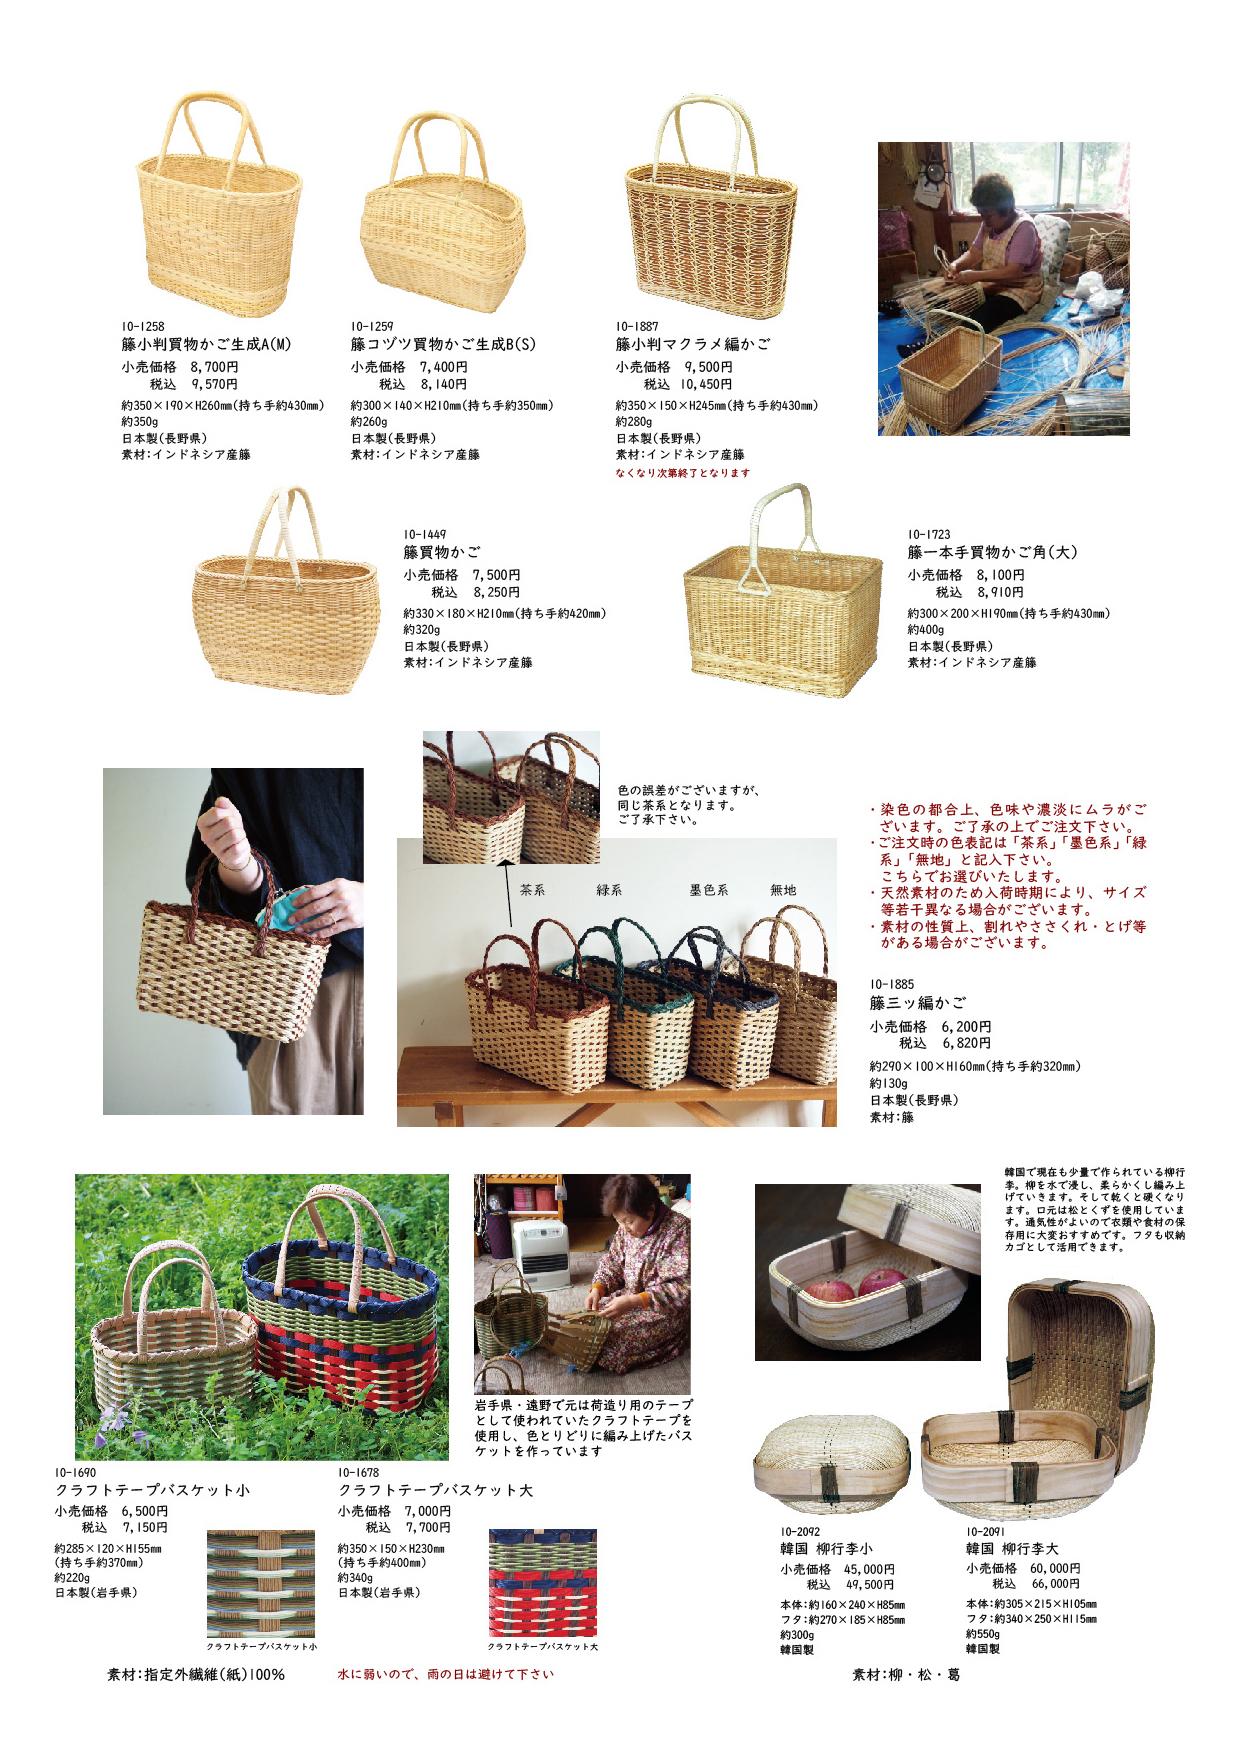 日本のかご②-あけびかご・籐かご-